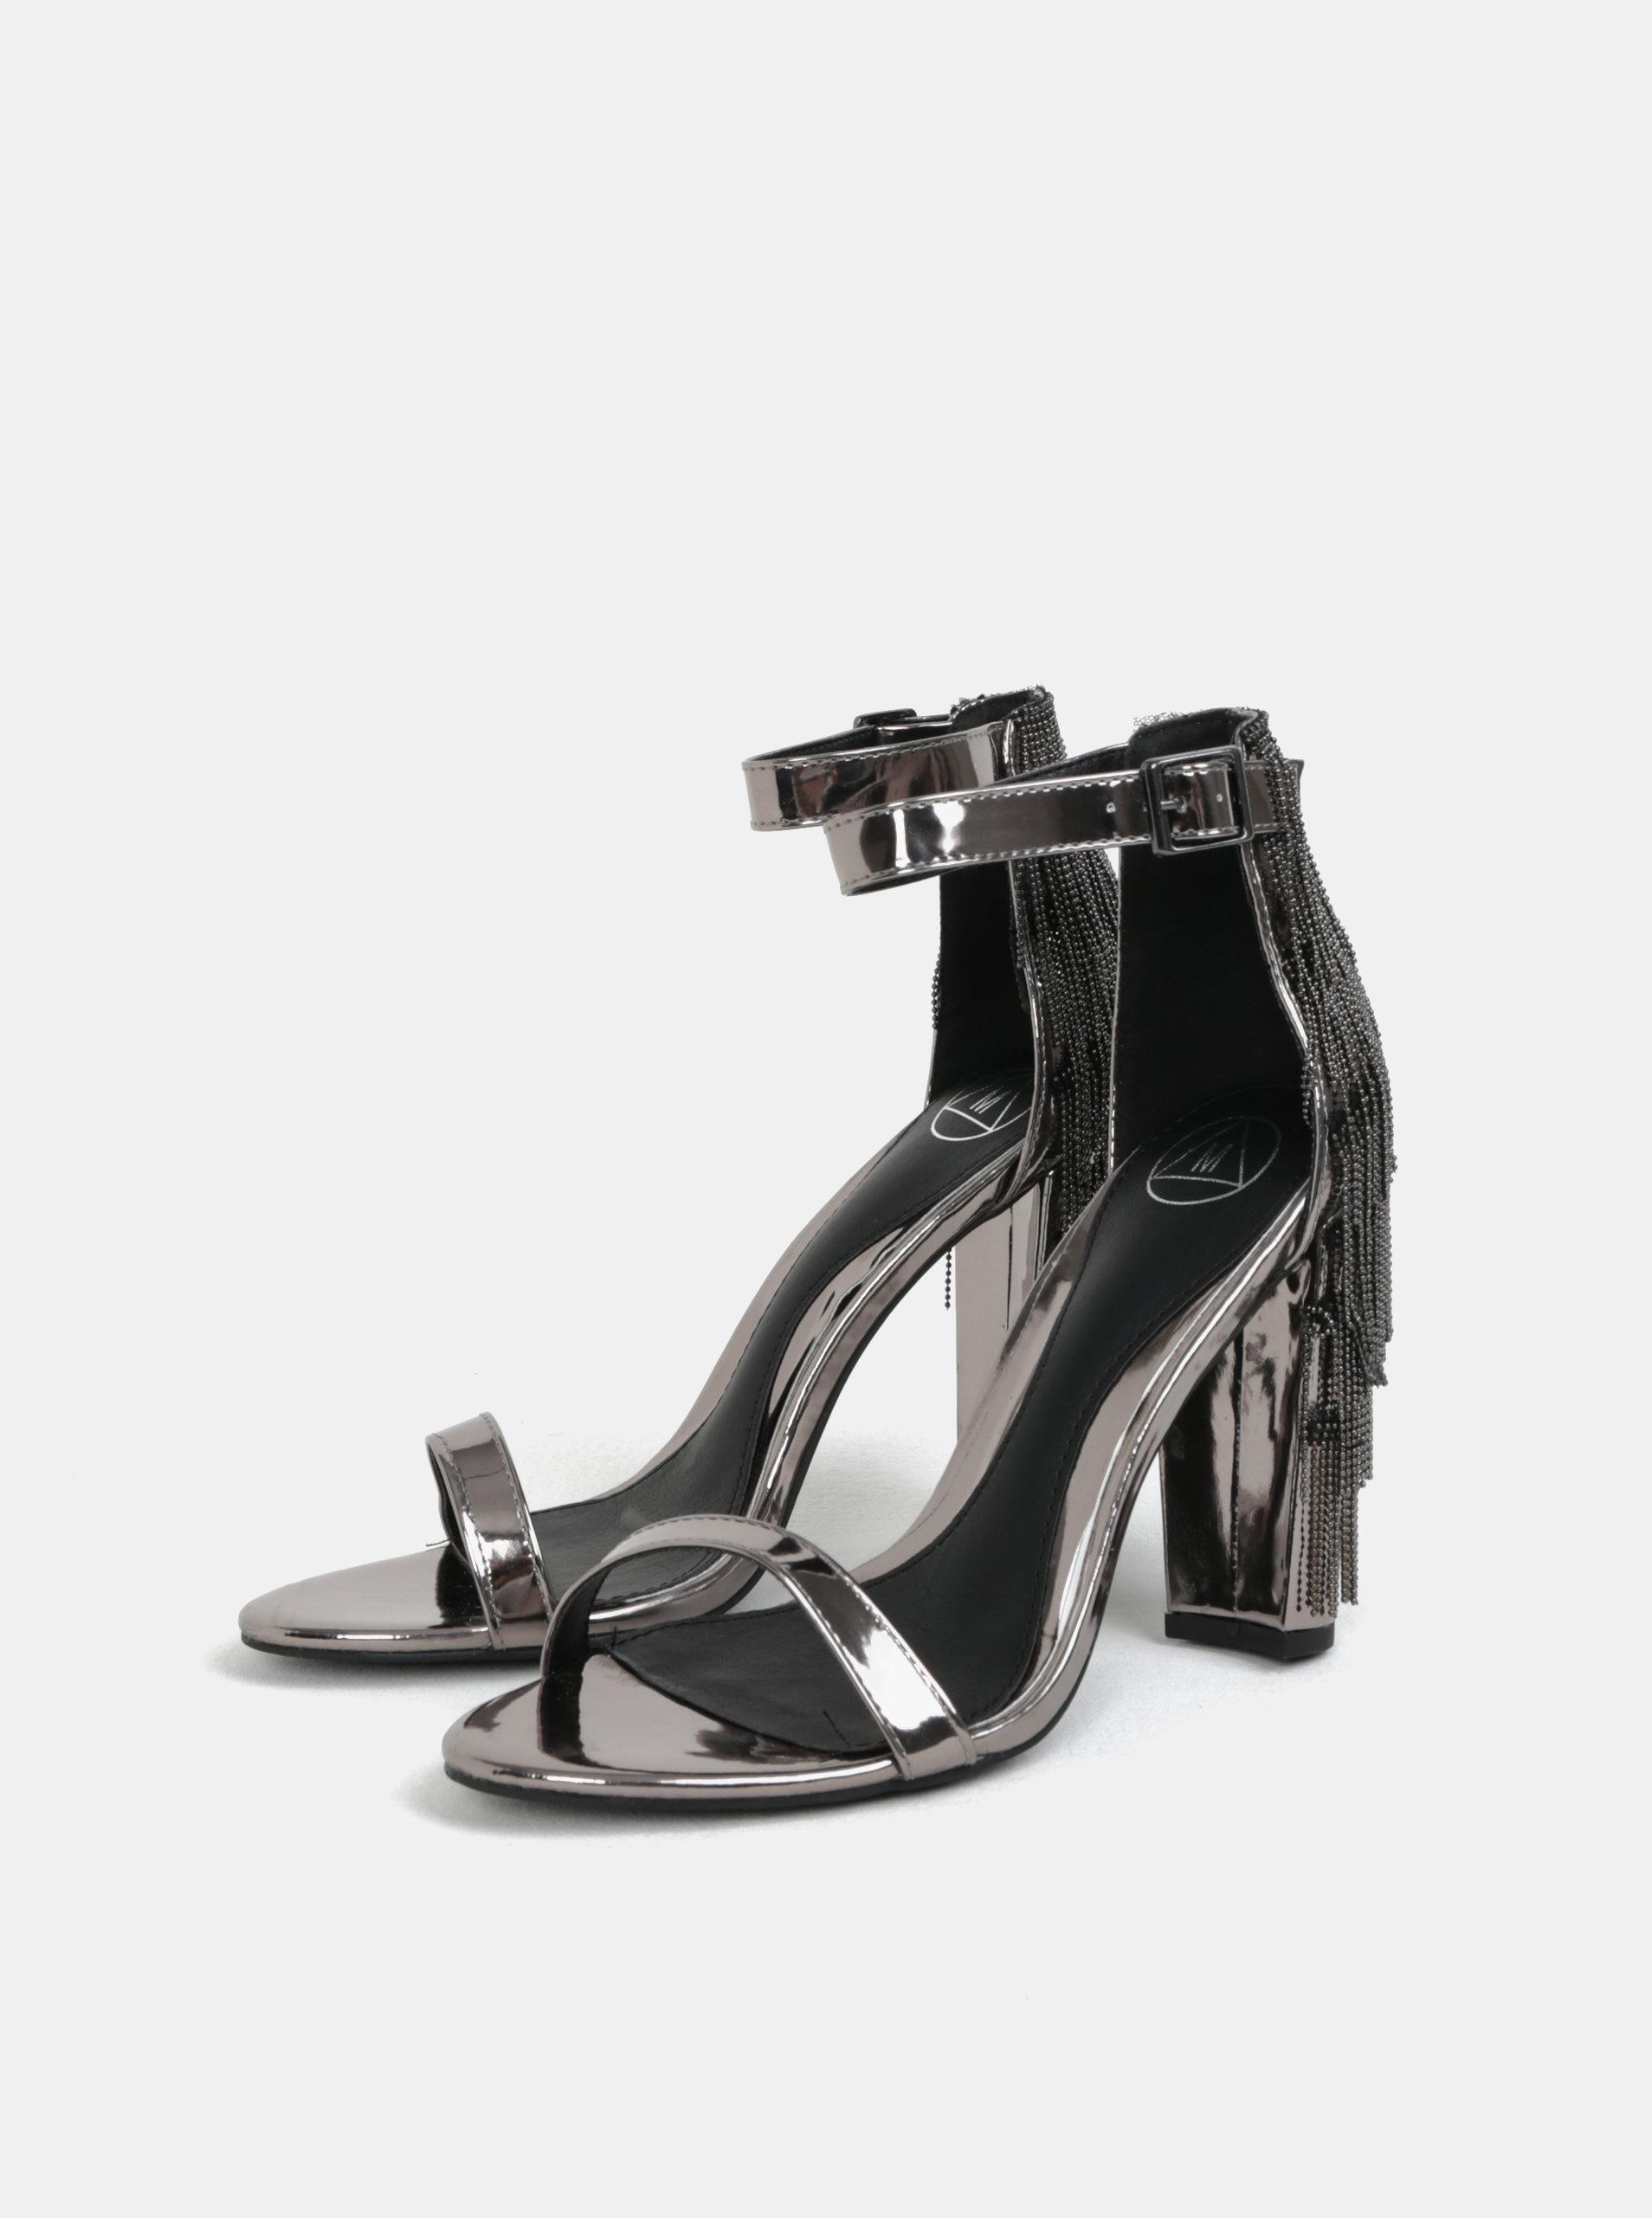 1730ccfc3822 Metalické sandálky na podpatku ve stříbrné barvě MISSGUIDED ...